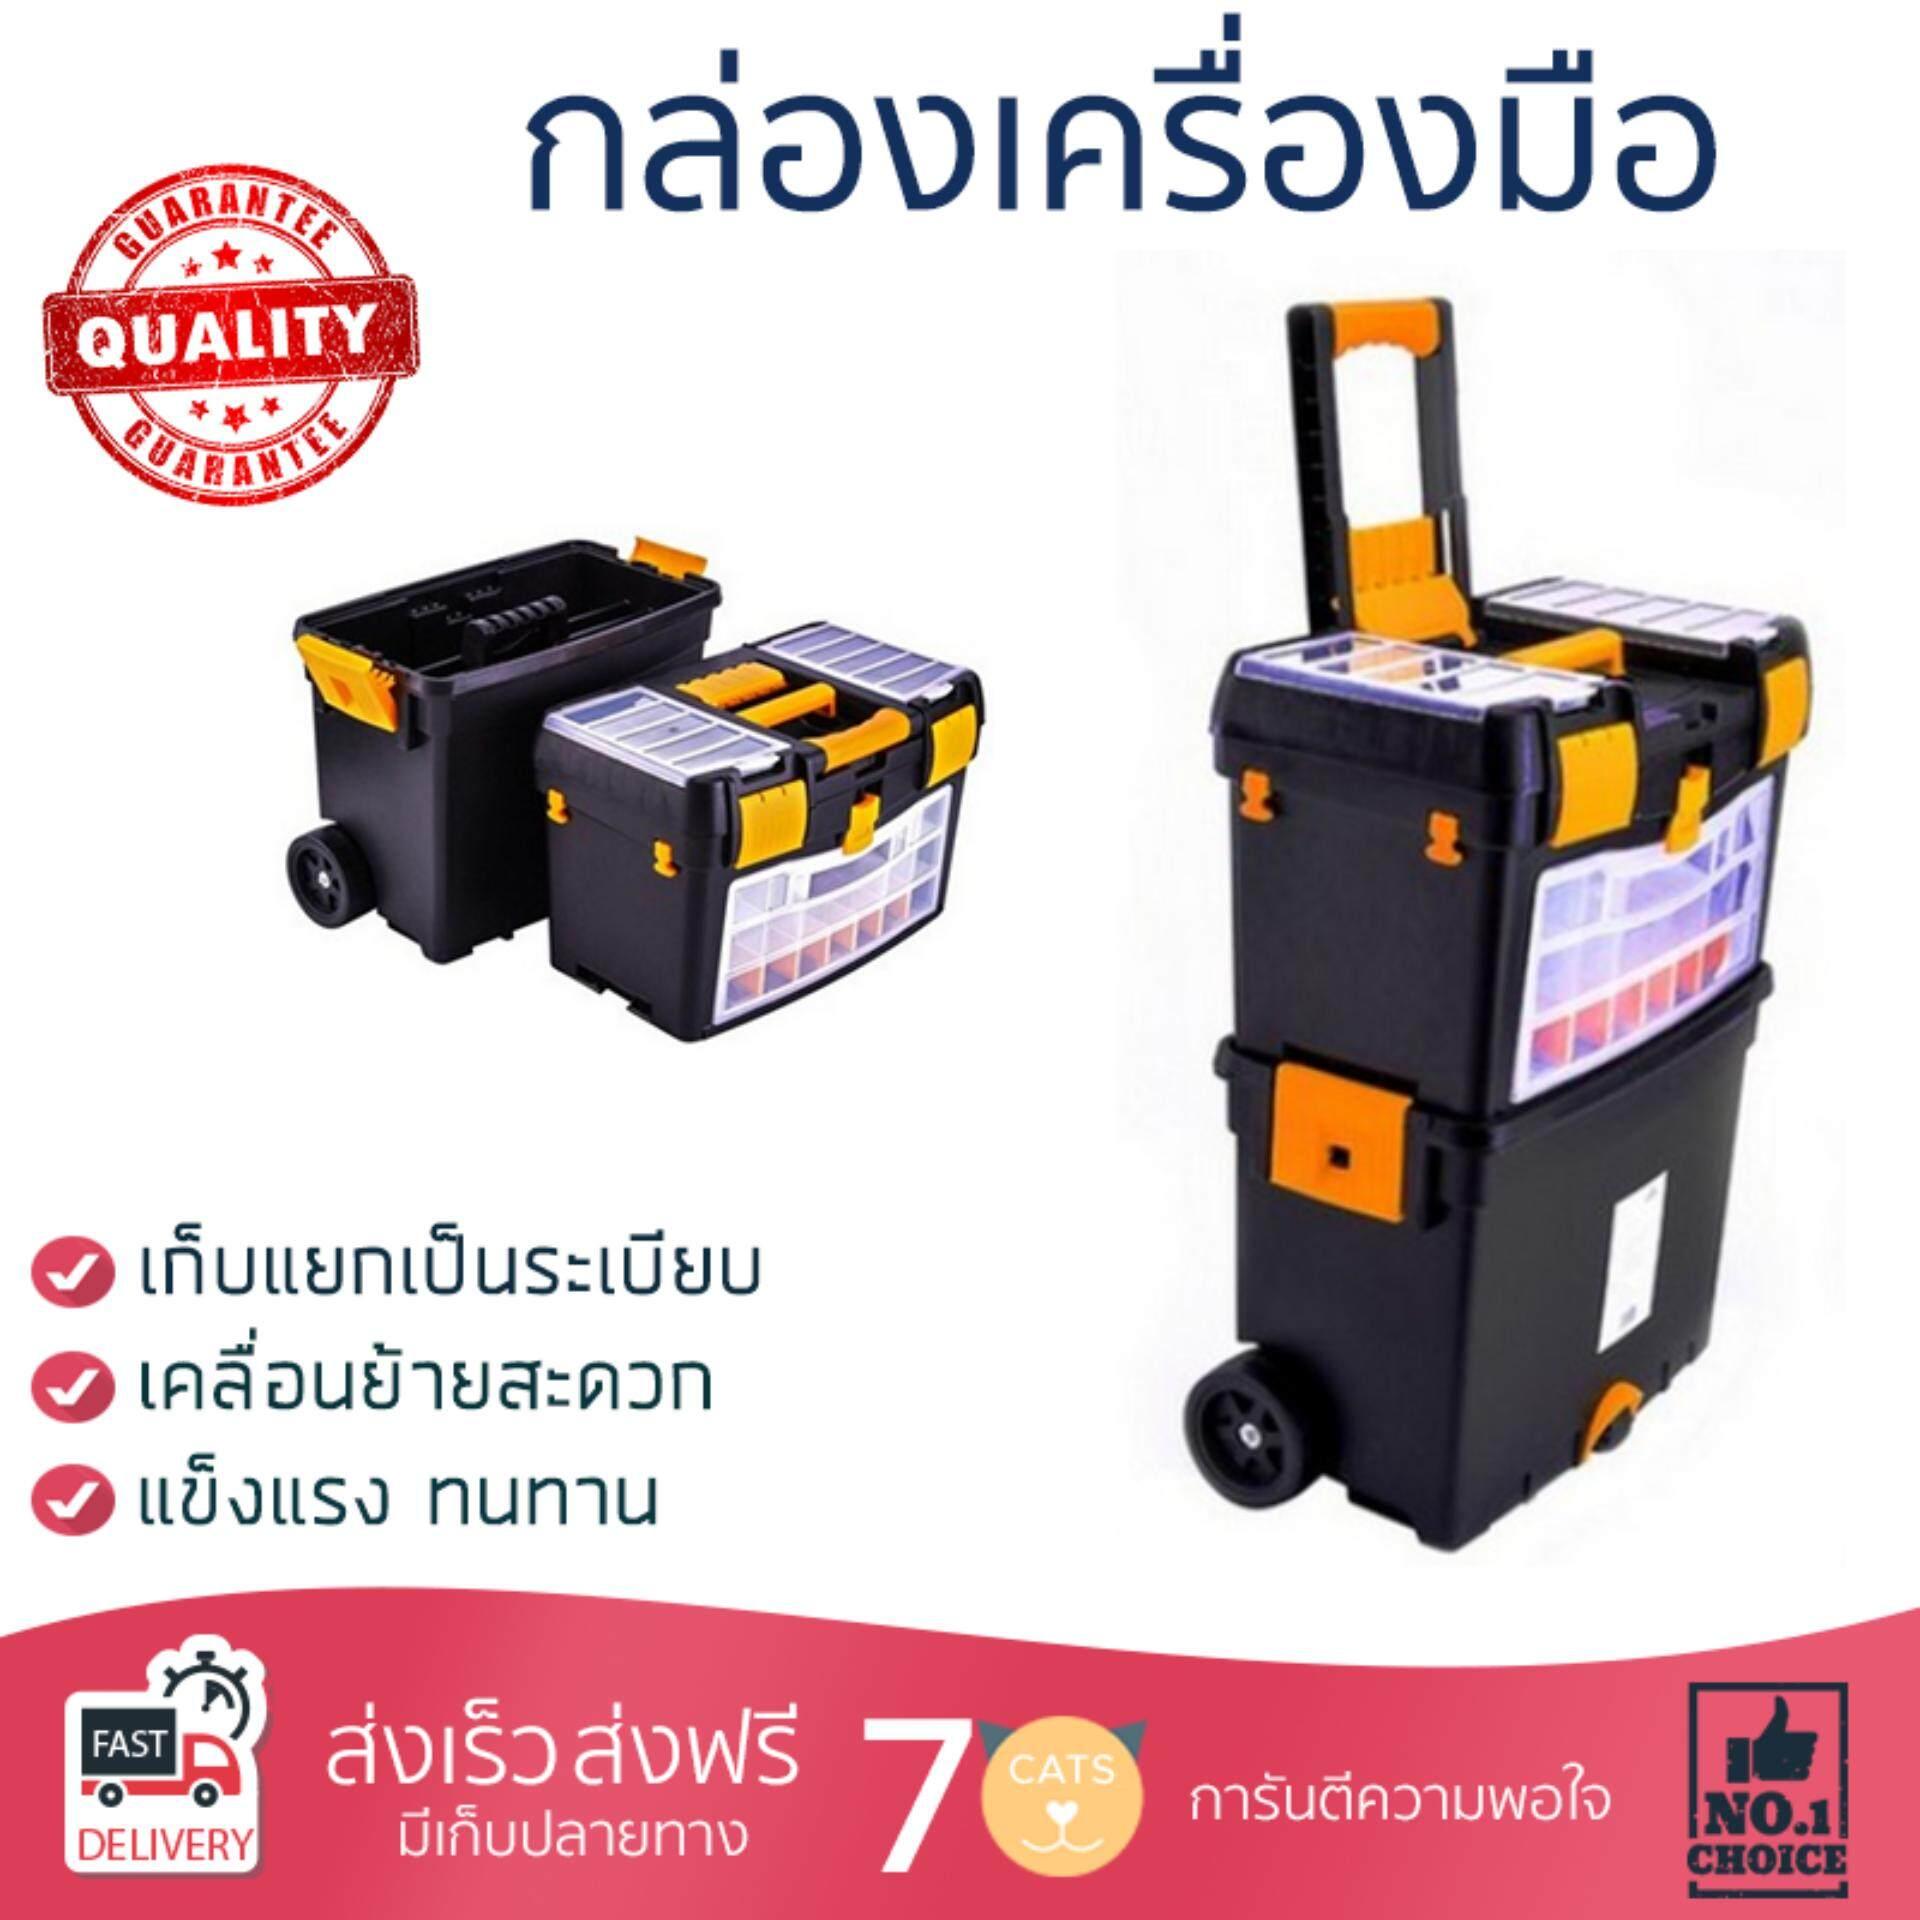 เก็บเงินปลายทางได้ กล่องเครื่องมือ กล่องเก็บอุปกรณ์  กล่องเครื่องมือ มีล้อ HL3042 24